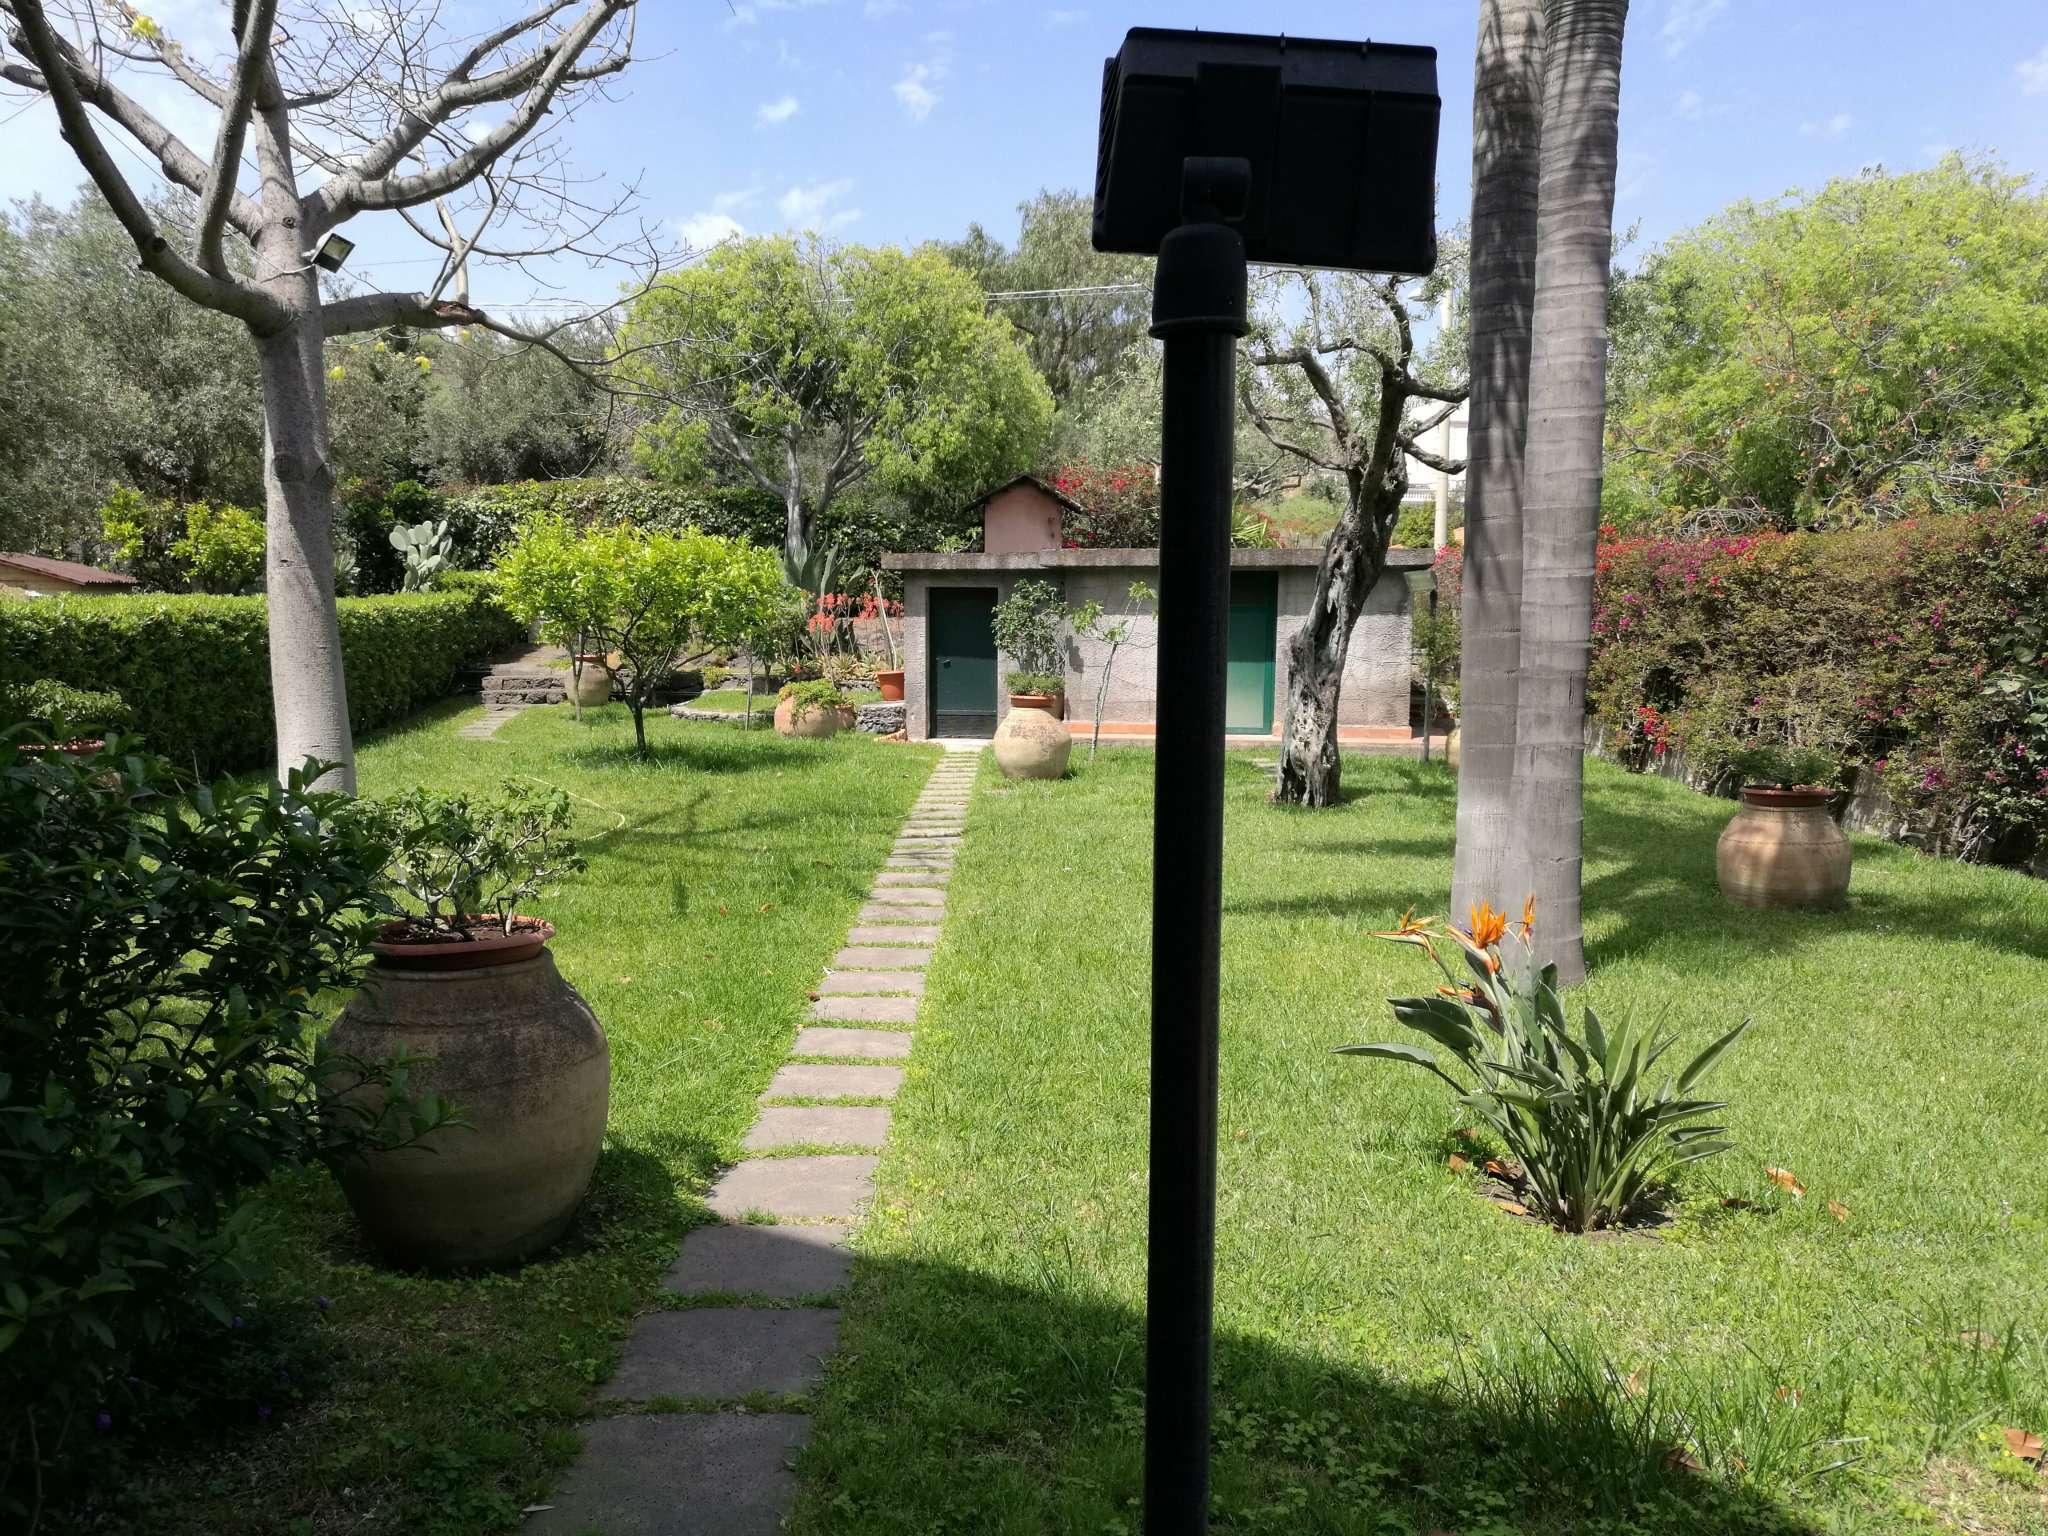 Villa in vendita a Aci Castello, 9999 locali, Trattative riservate | Cambio Casa.it